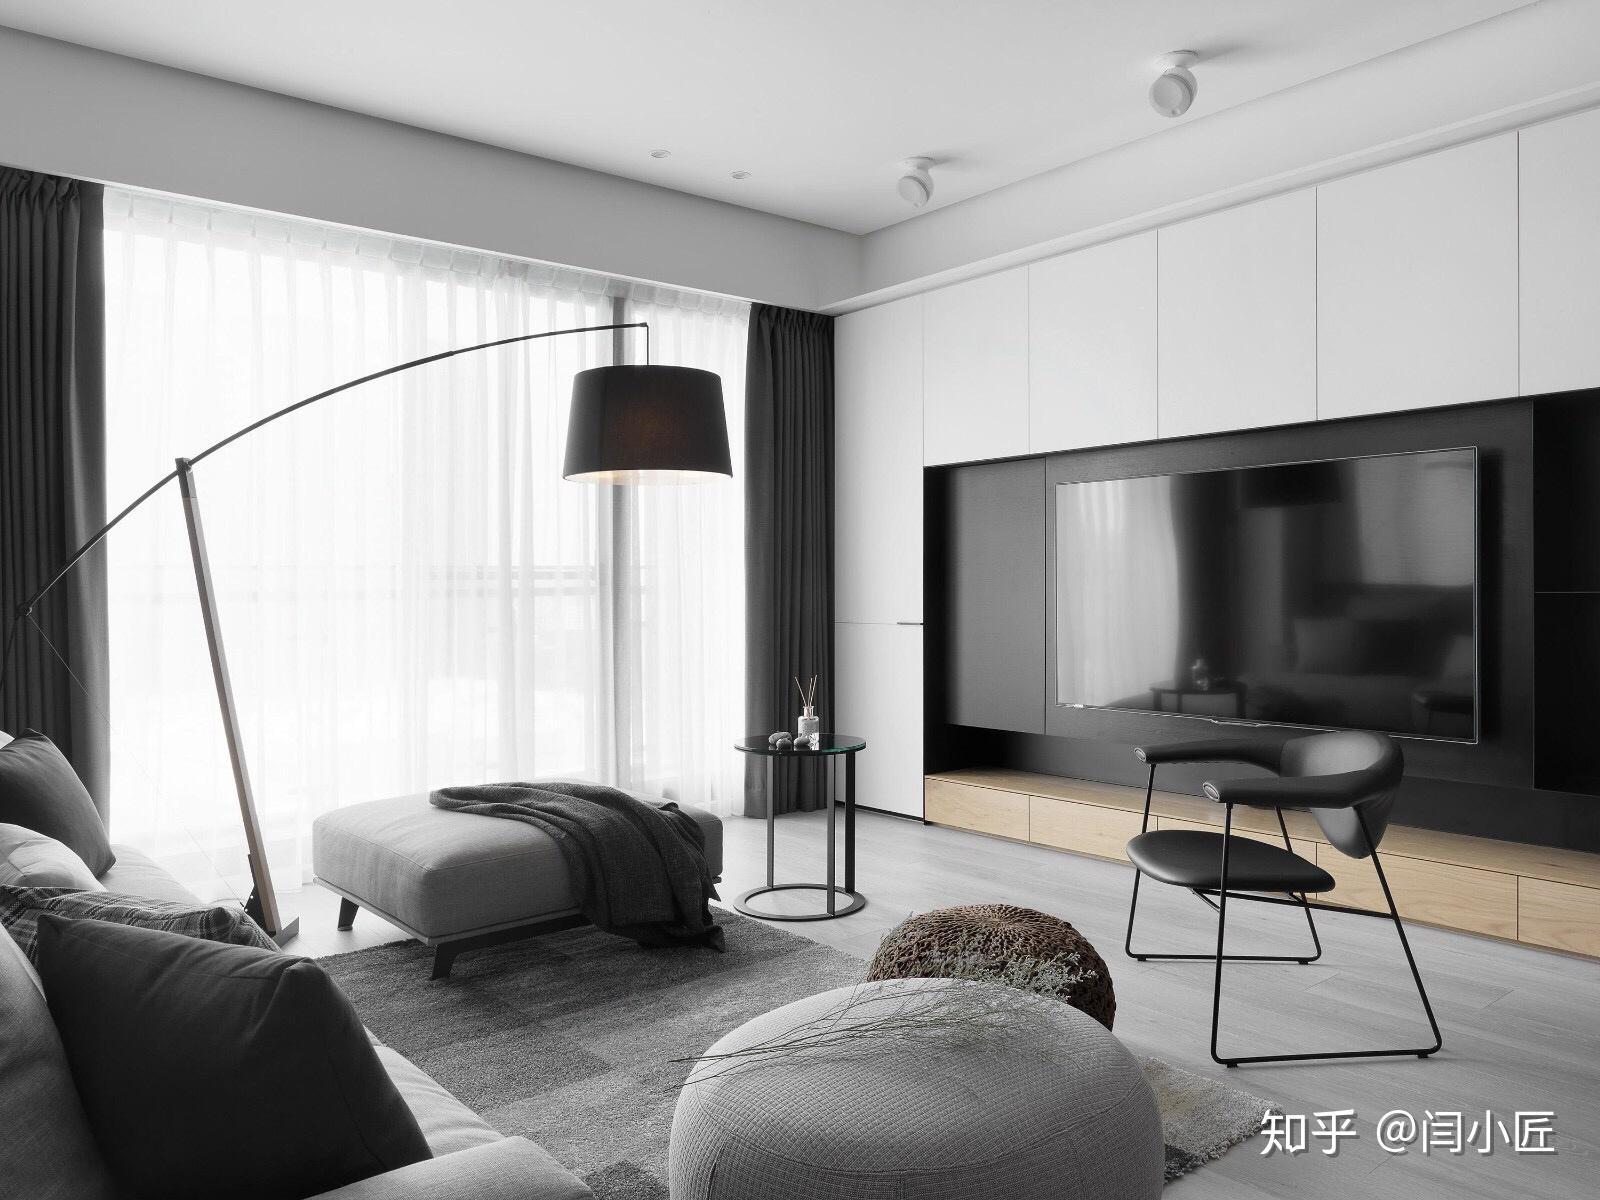 怎样选木地板颜色_地板颜色怎样搭配家居比较好看? - 知乎